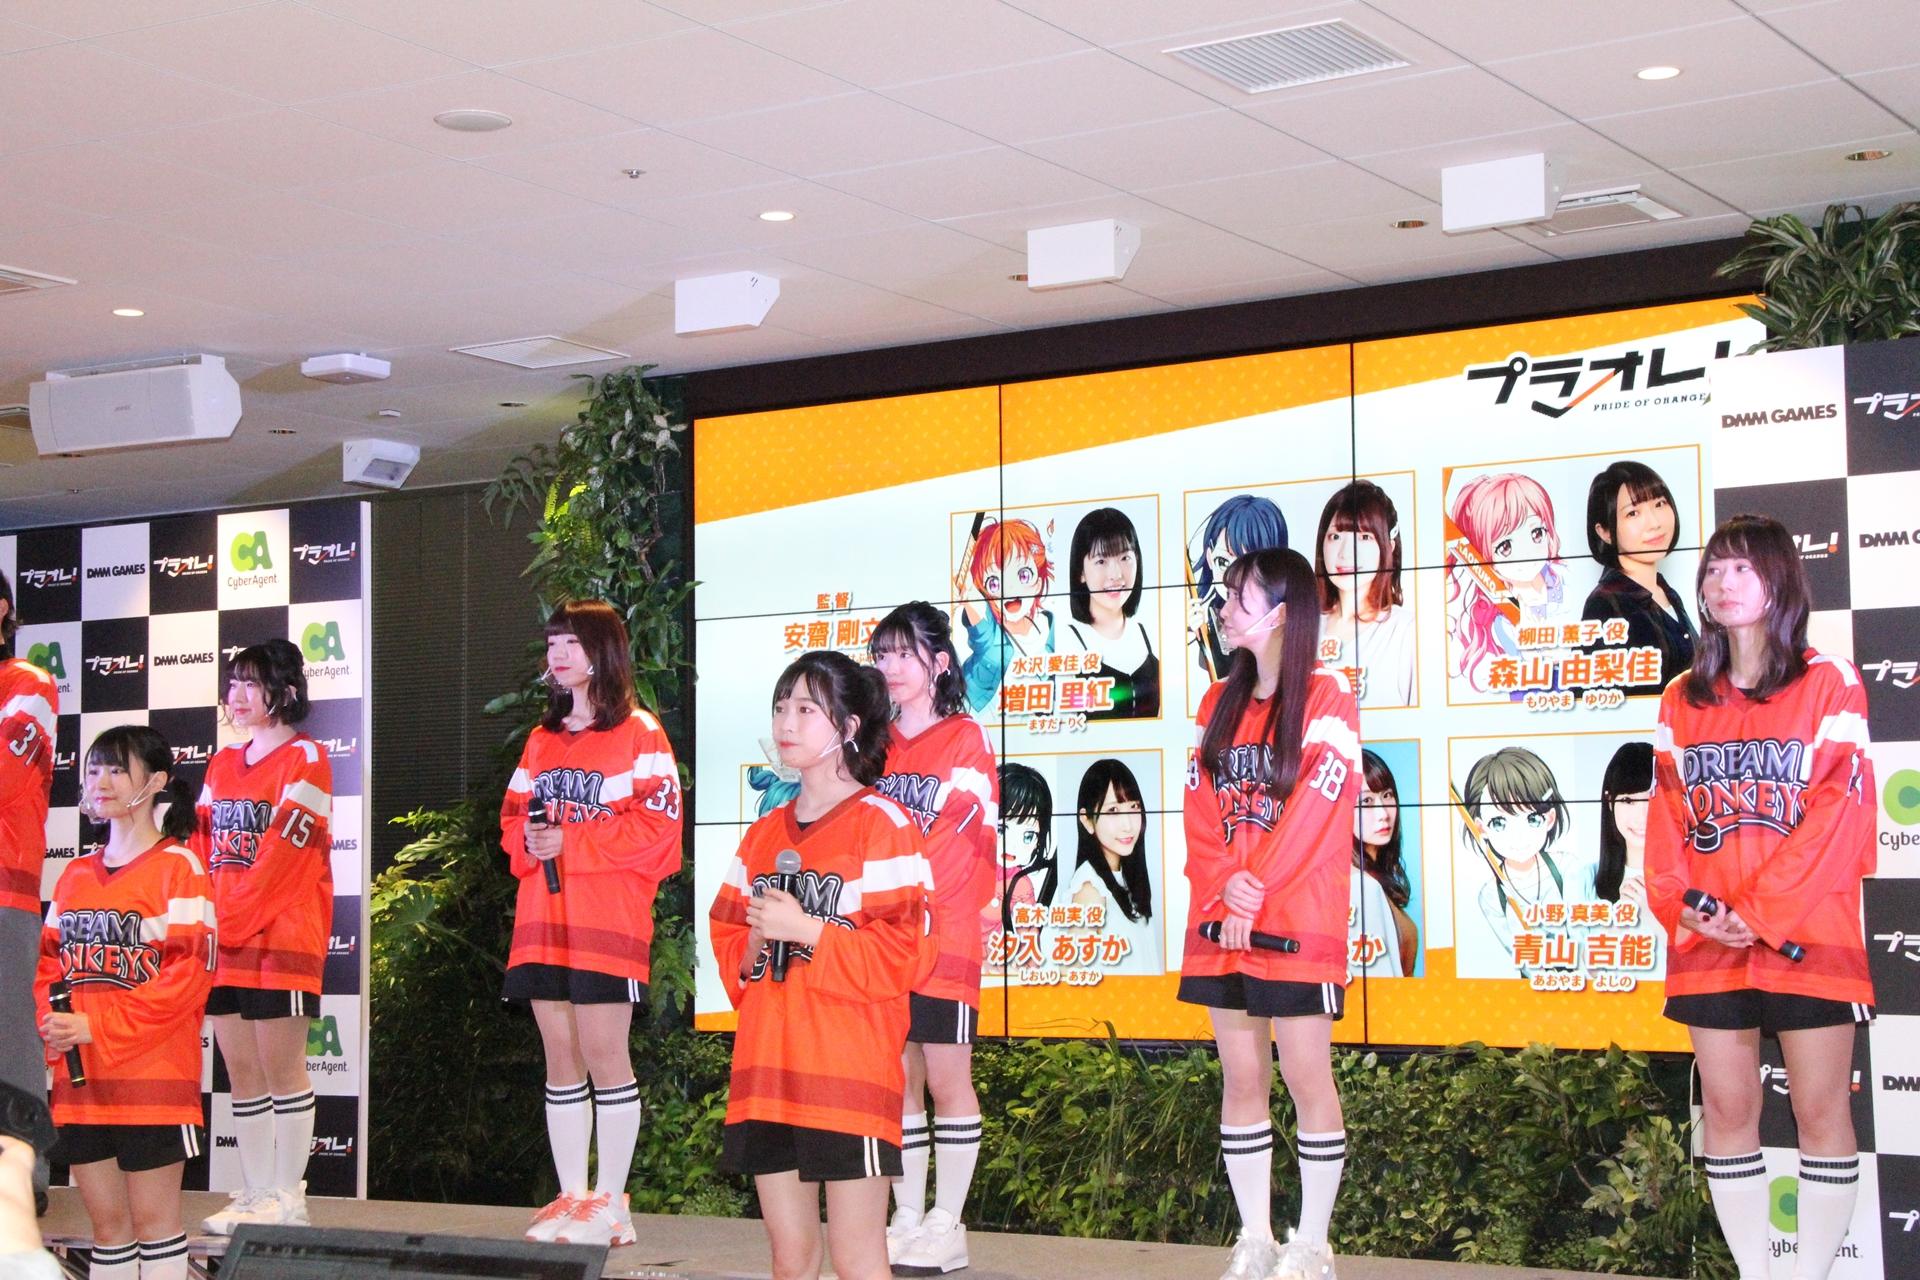 登場する主要な7人のキャラクターたちと、彼女たちを演じる声優さんたち